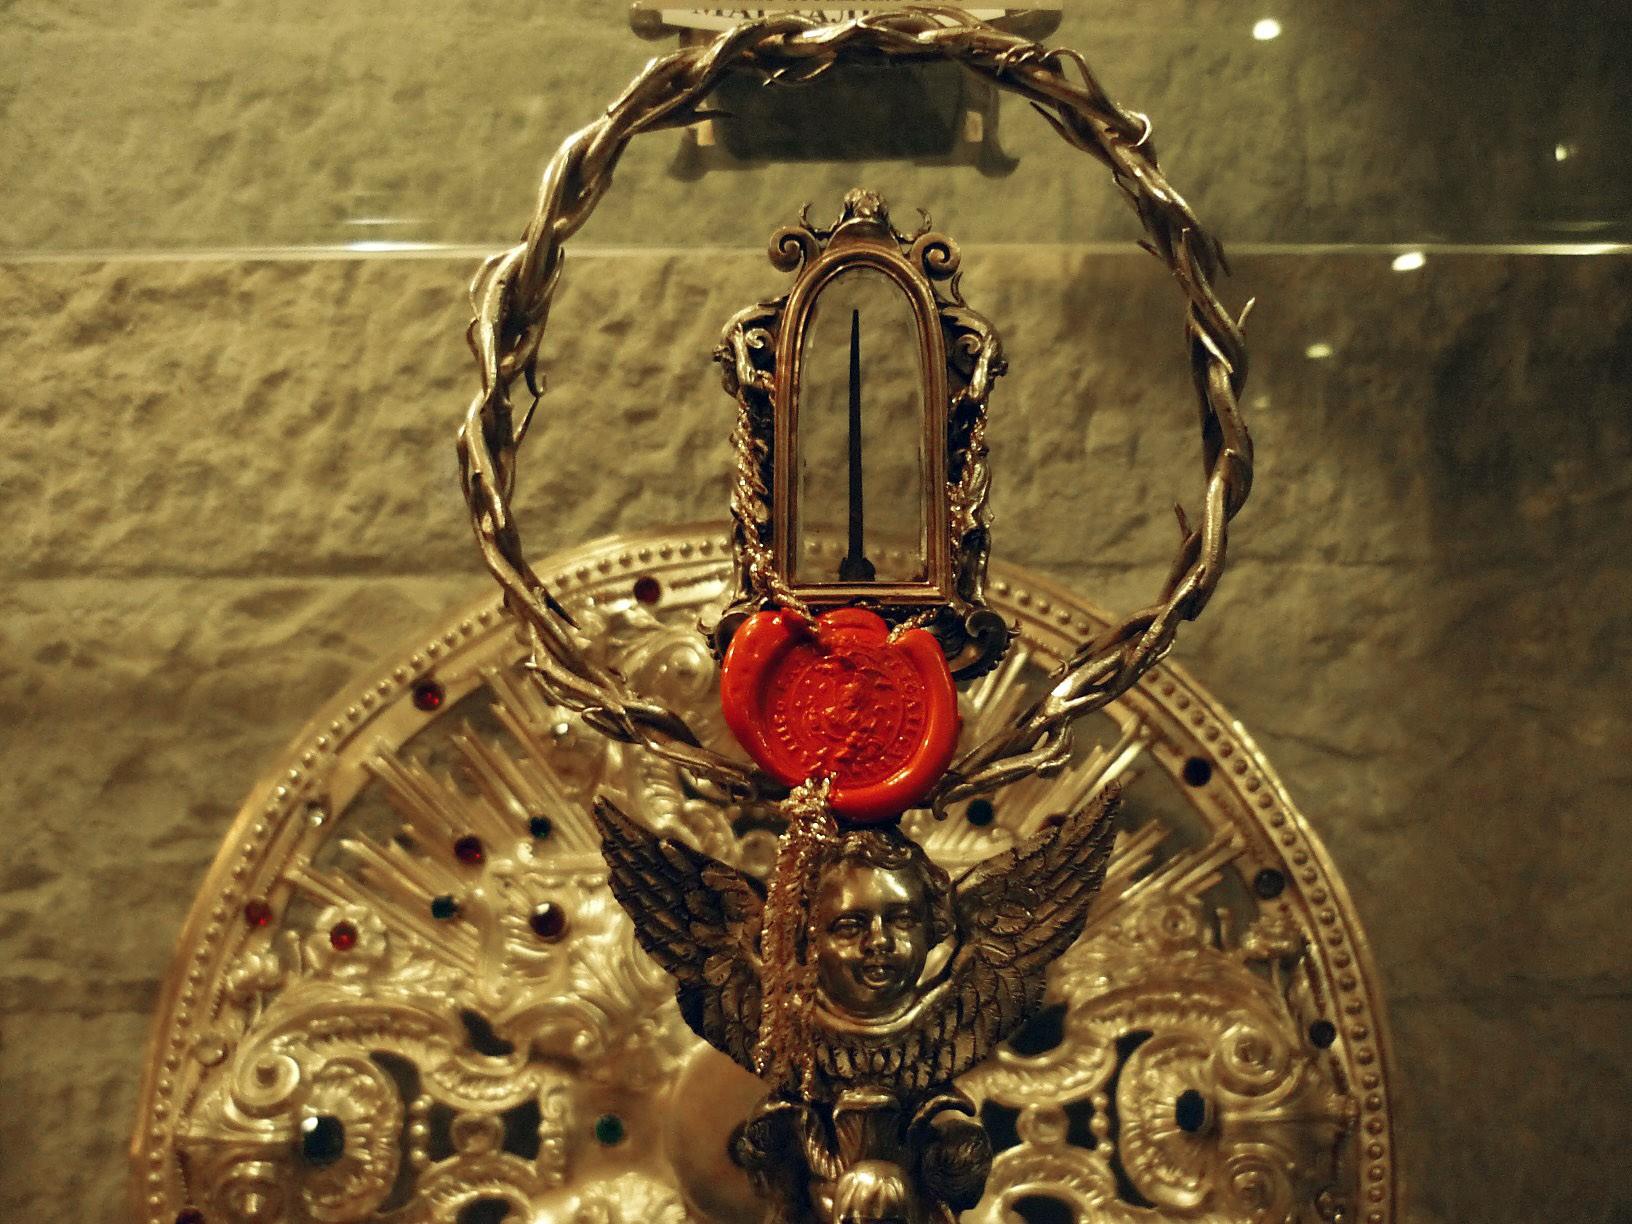 В российскую столицу привезли сокровища Людовика Святого— Эпоха средневековья